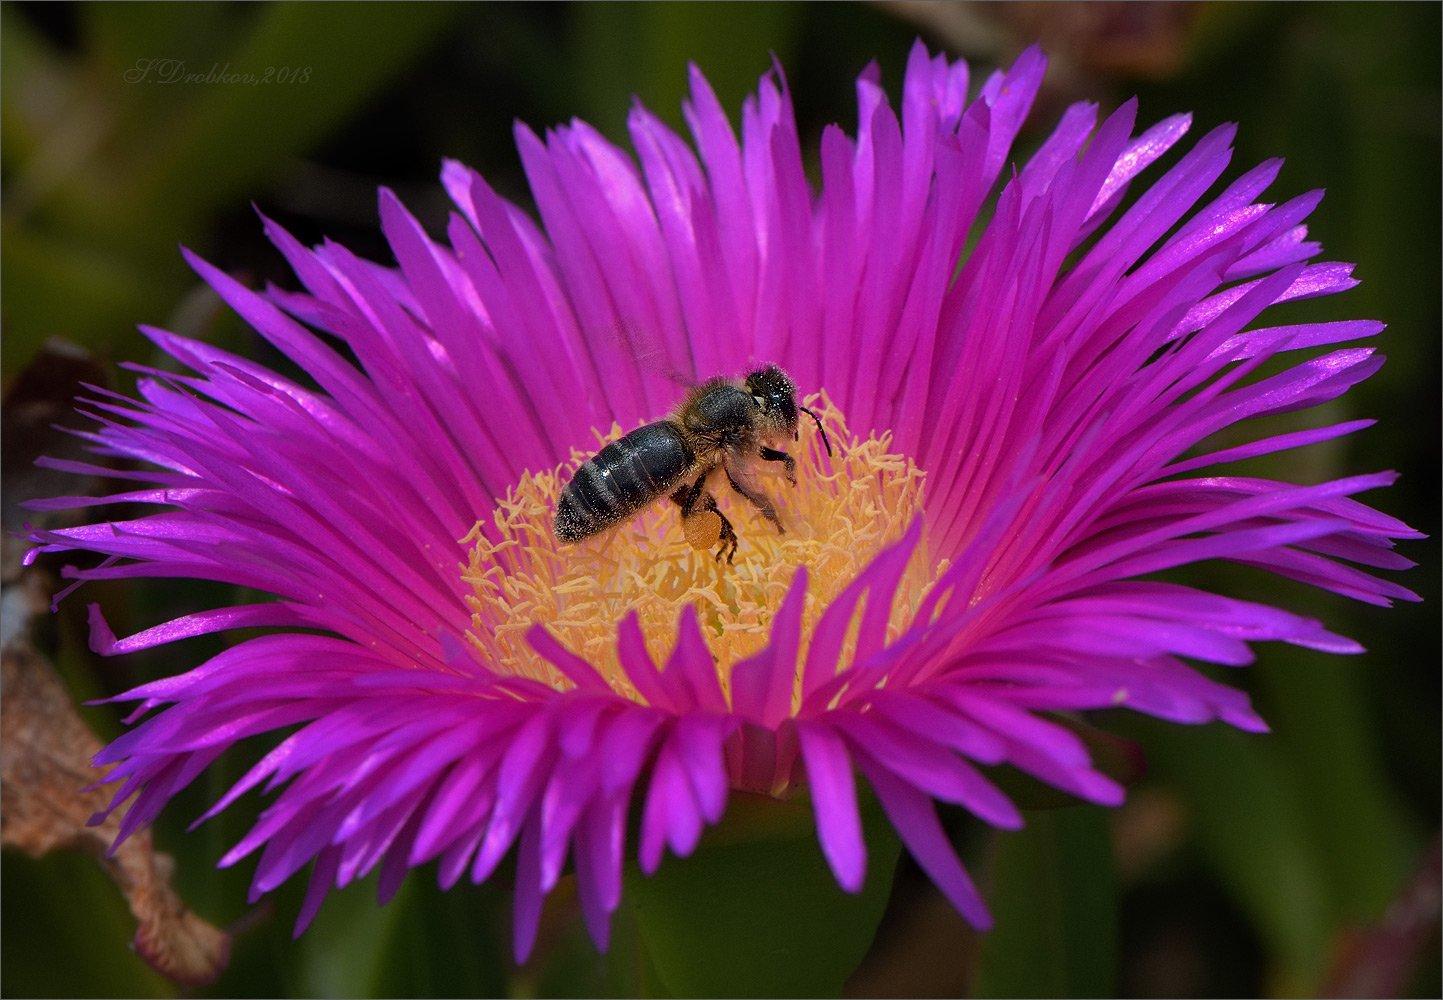 пчела, цветы, весна, макро, Sergey Drobkov